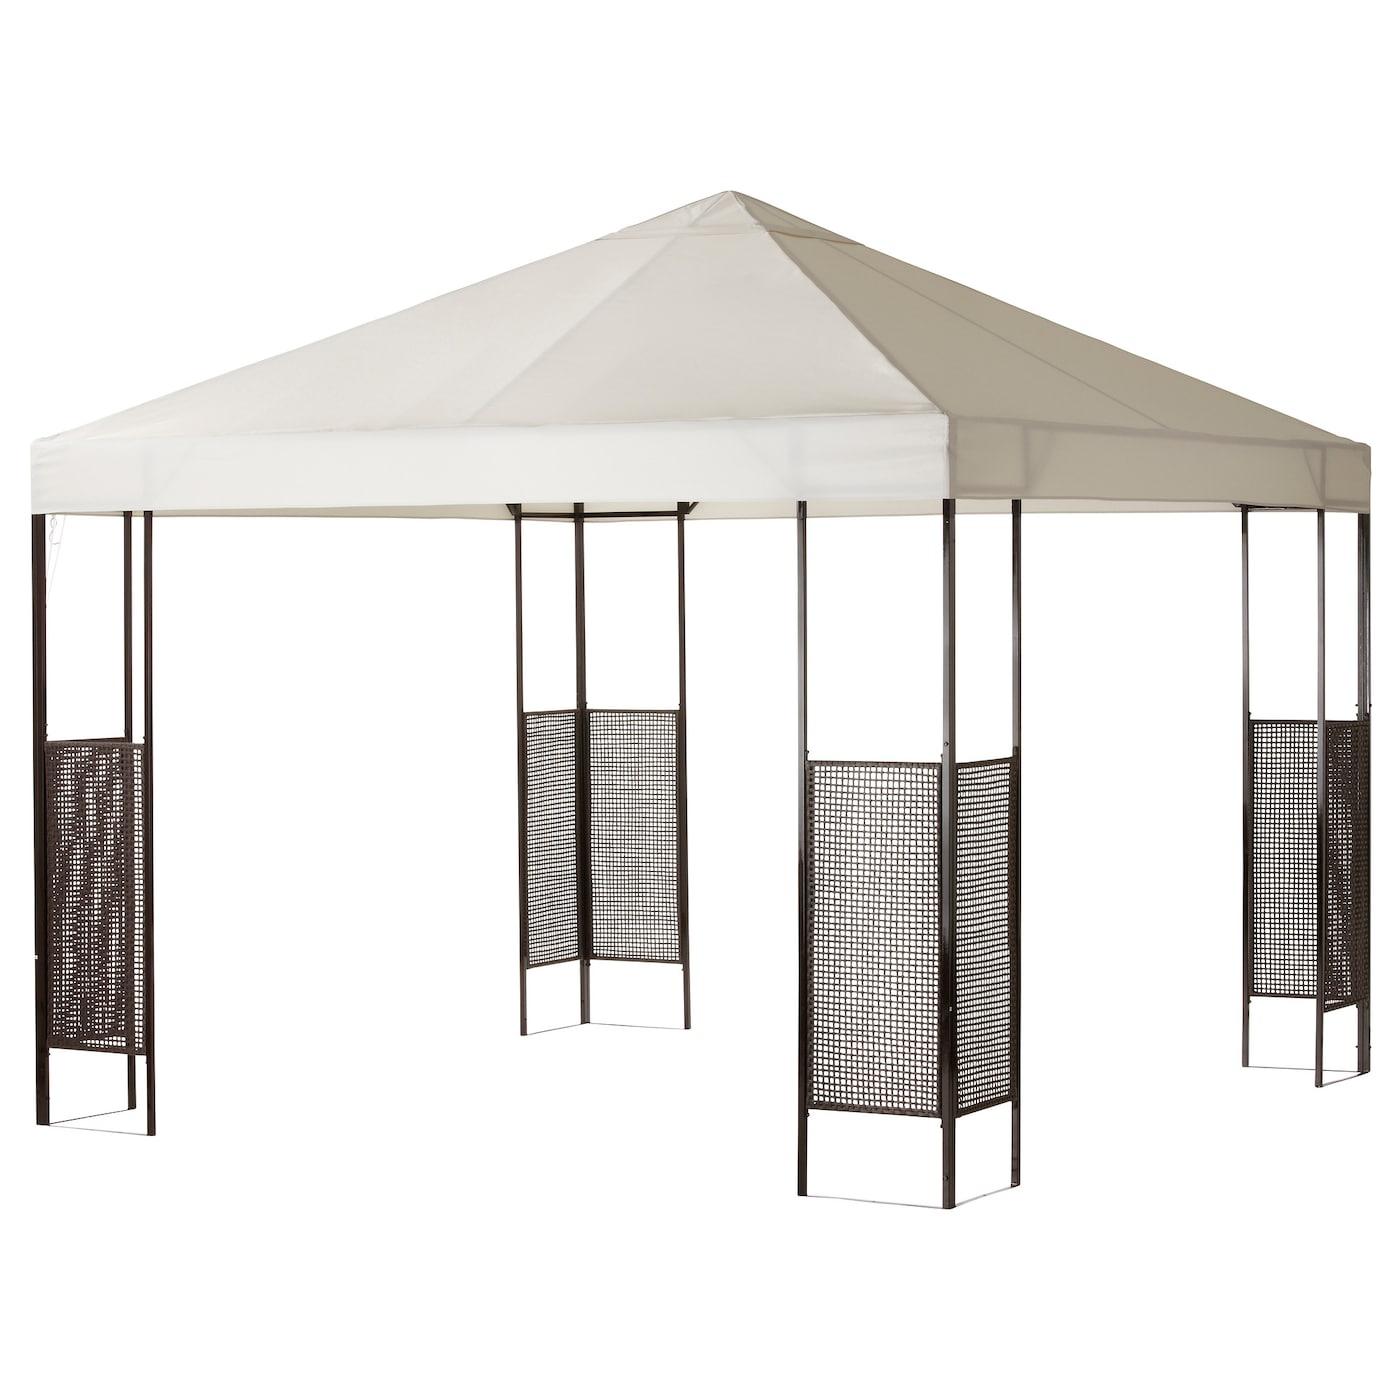 ammer tonnelle brun fonc beige 300x300 cm ikea. Black Bedroom Furniture Sets. Home Design Ideas